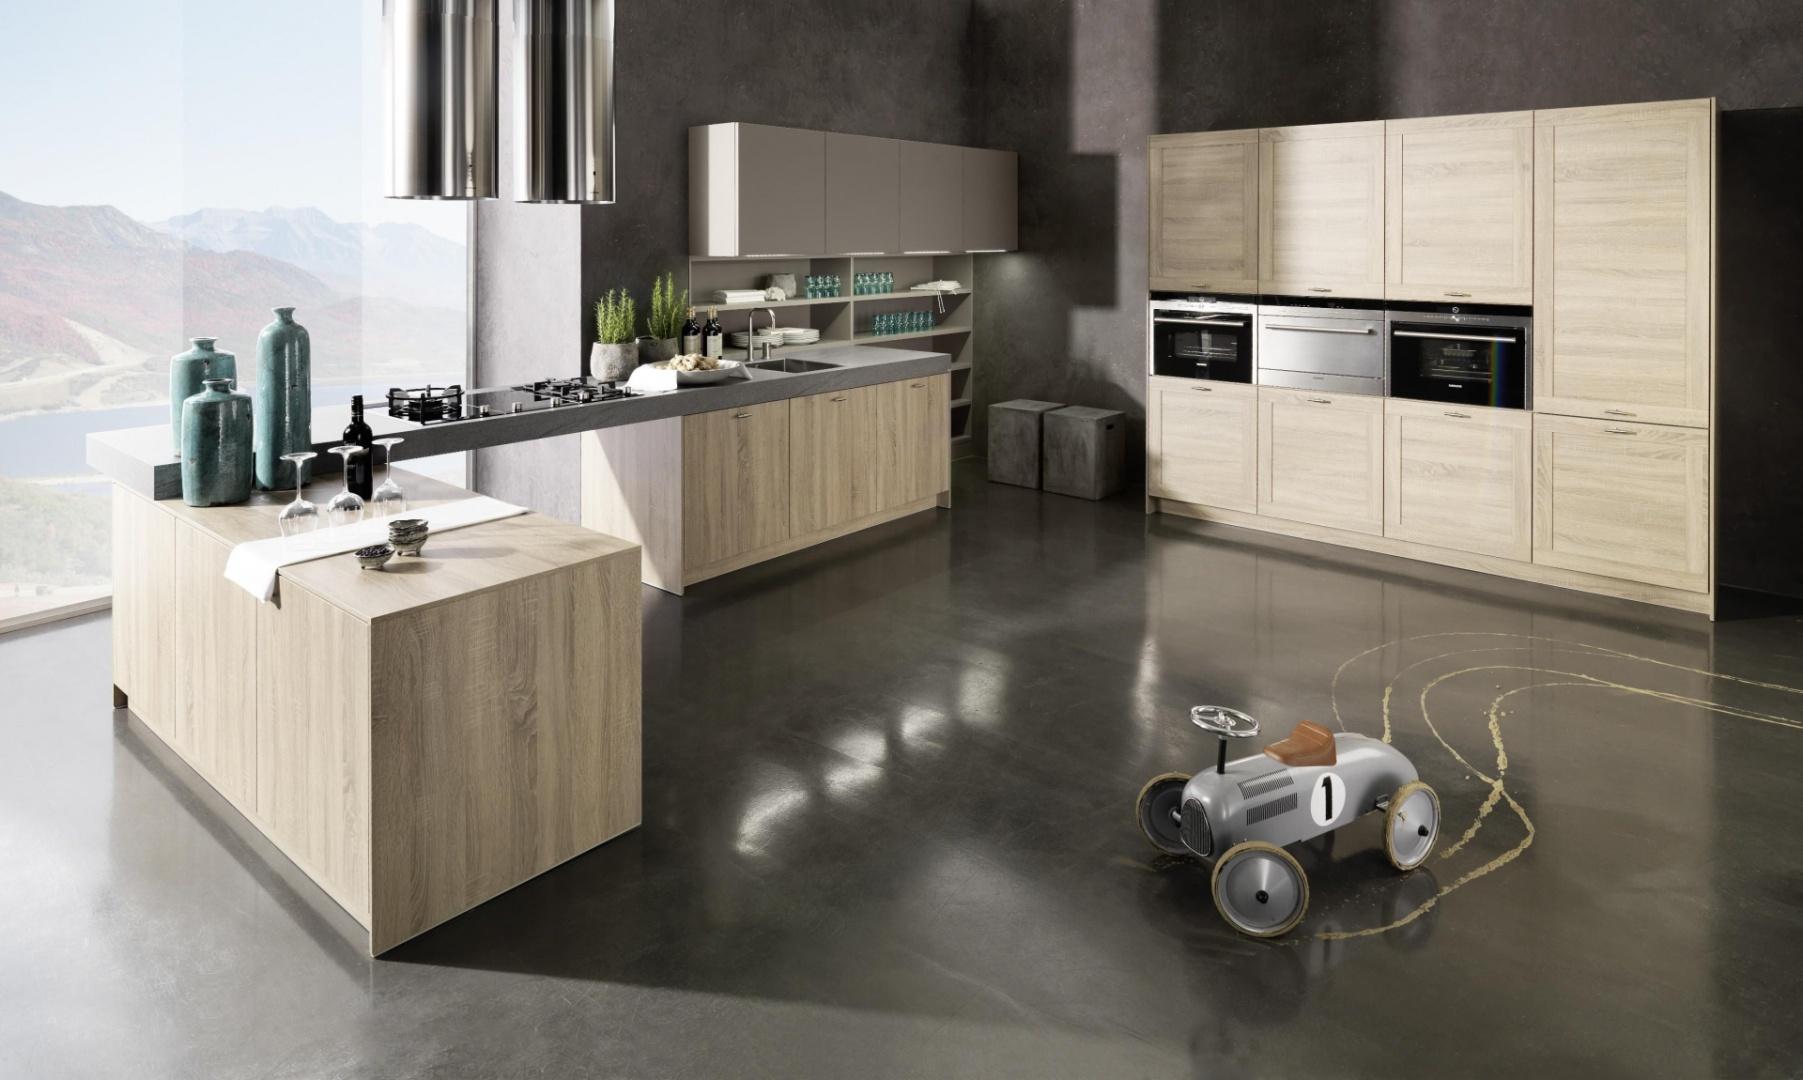 W kuchni Cosmo króluje skalny dąb, przełamany miękkim lakierem w kolorze cappucino. Całości dopełnia solidny blat o grubości 10 cm. Rational Einbauküchen